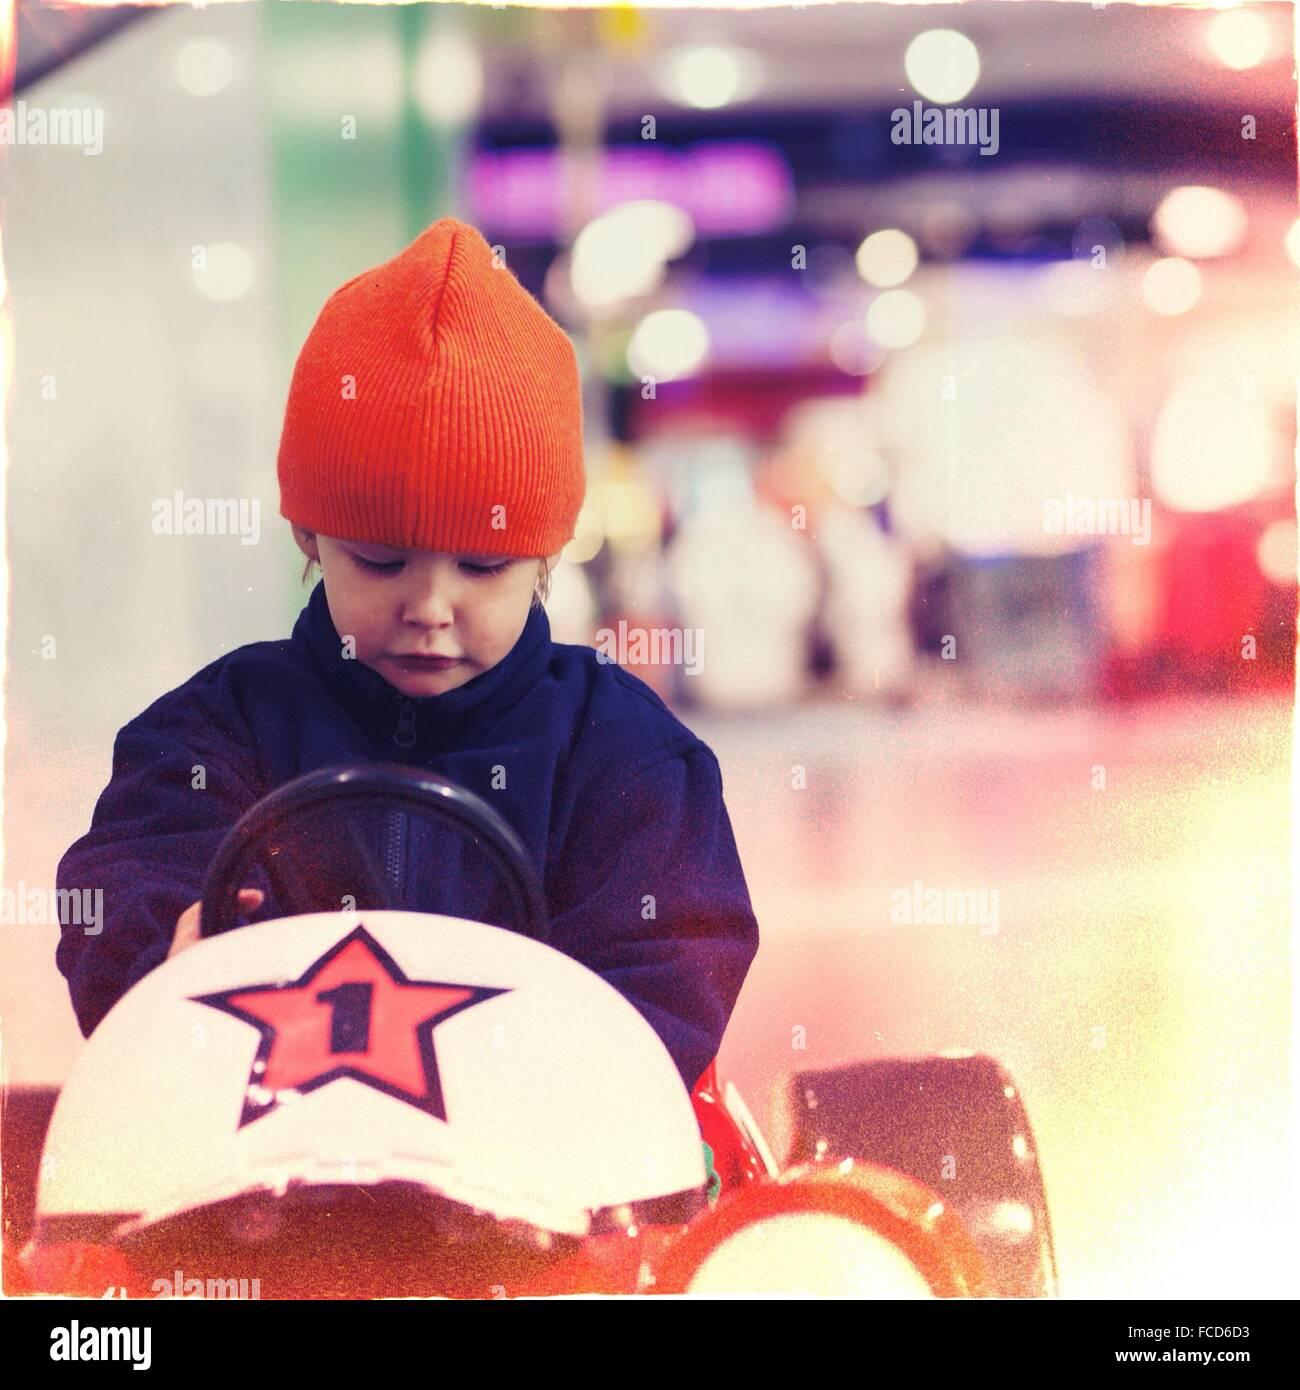 Primer plano de una chica conduciendo un coche de juguete Imagen De Stock